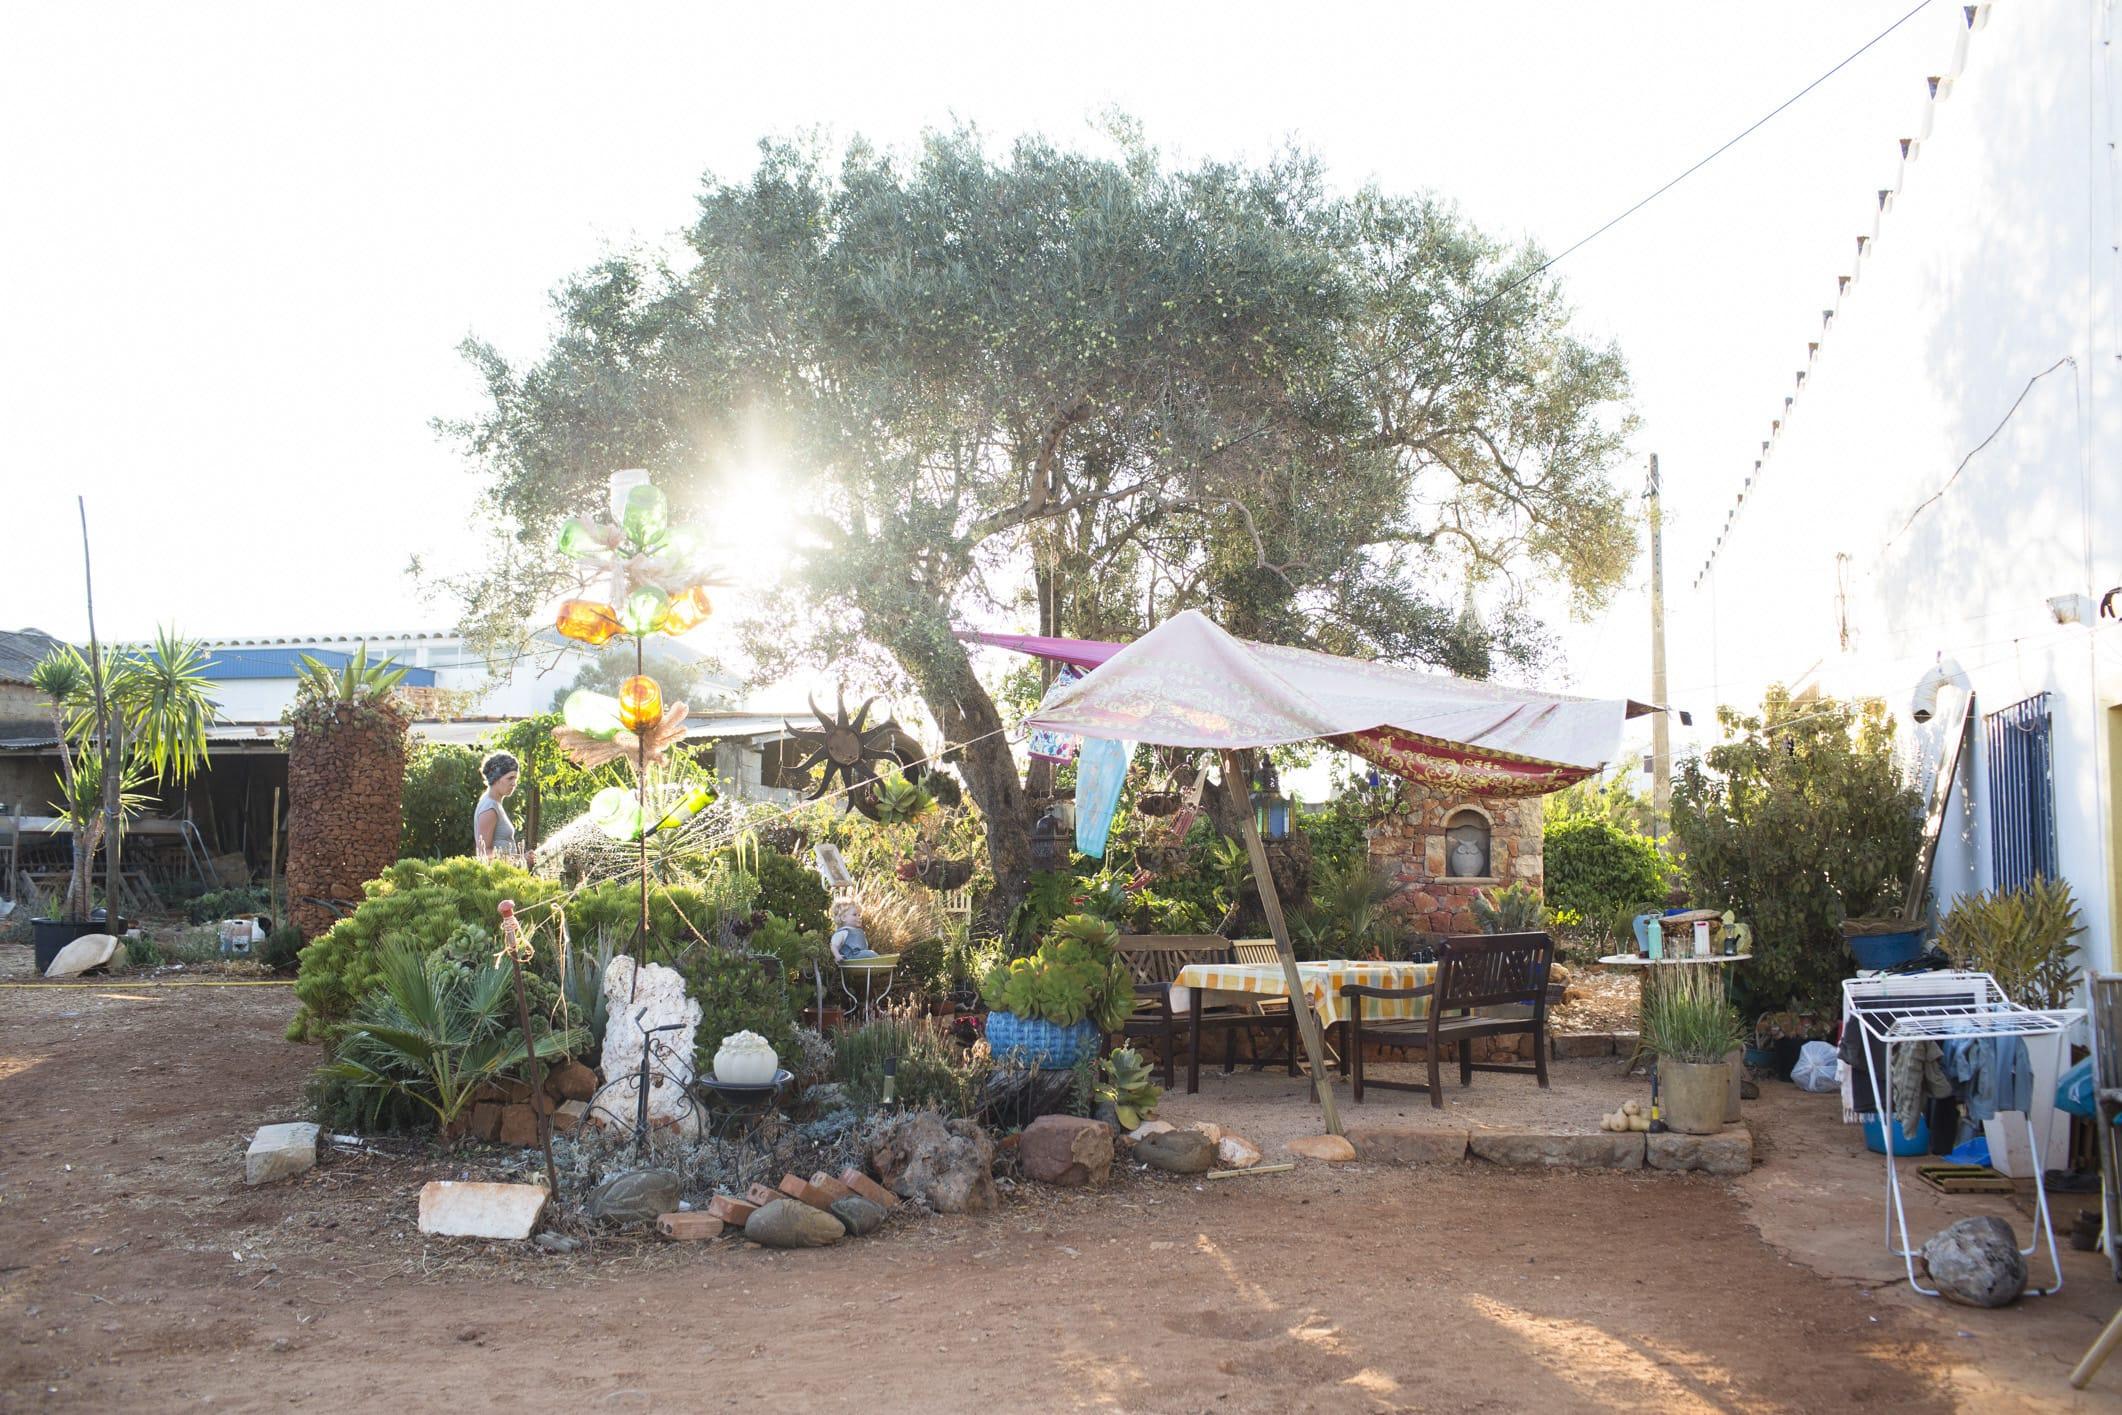 ポルトガル最南端の町、アルゴスのオーガニックファーム。